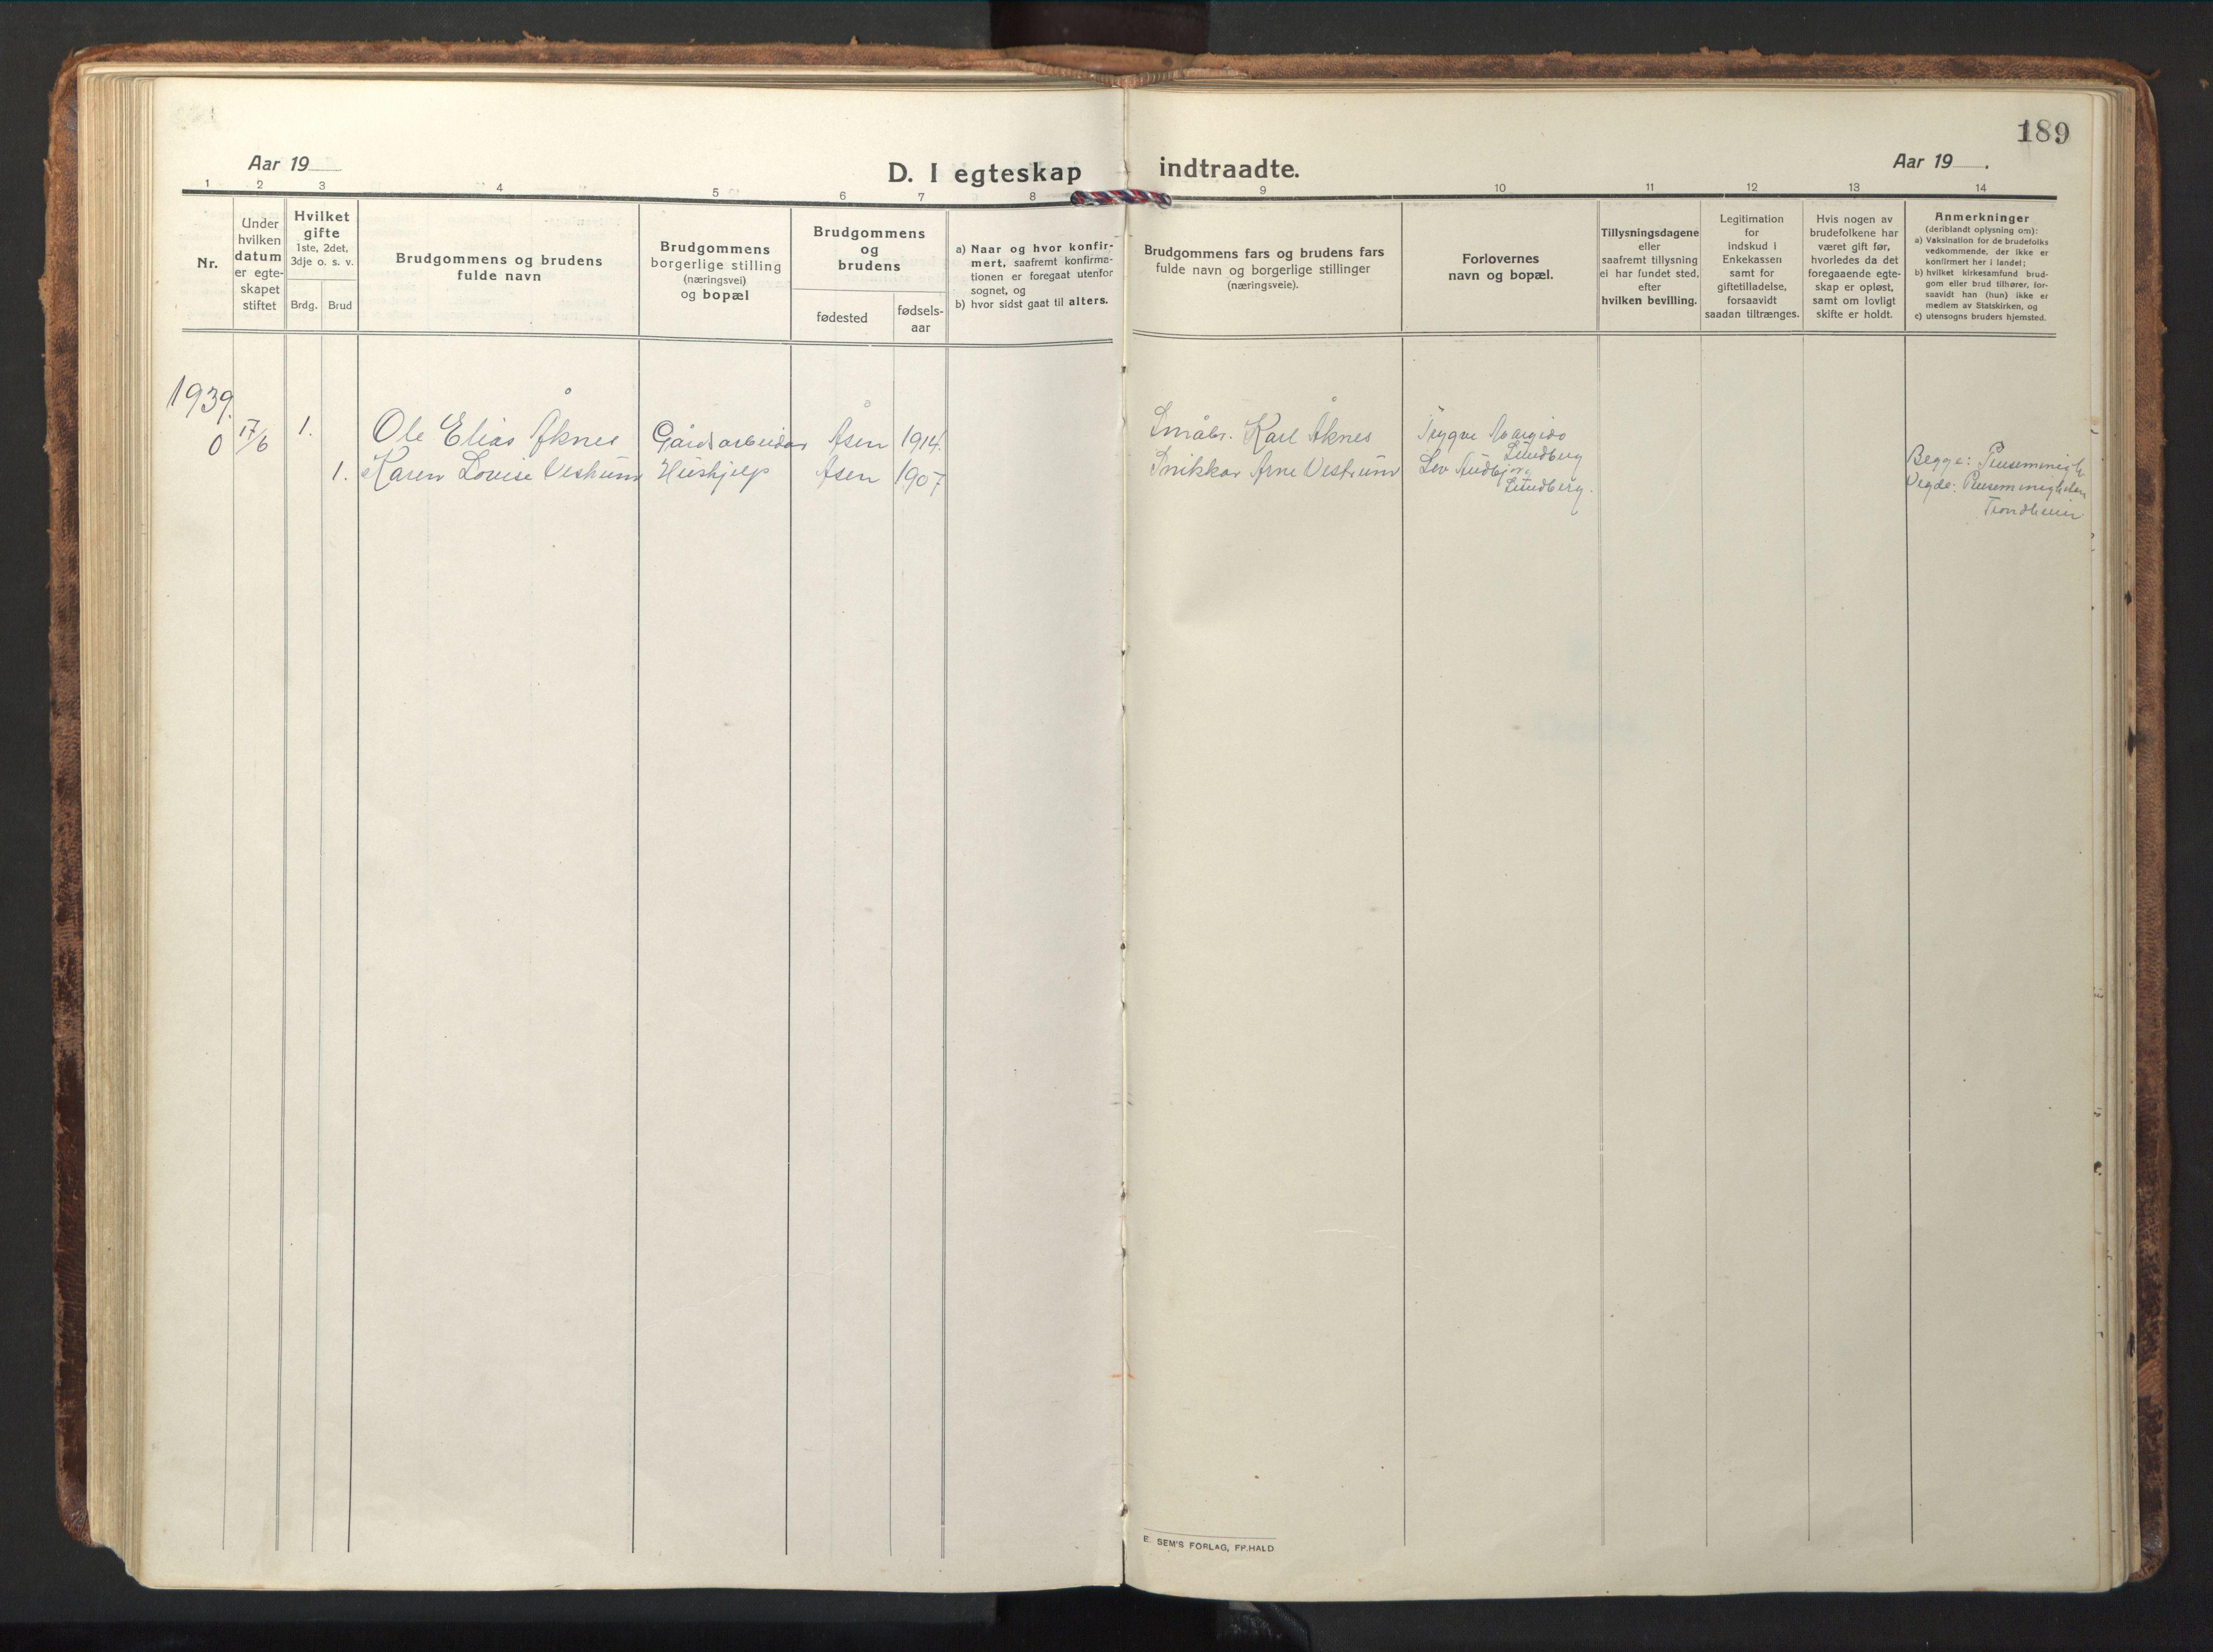 SAT, Ministerialprotokoller, klokkerbøker og fødselsregistre - Nord-Trøndelag, 714/L0136: Klokkerbok nr. 714C05, 1918-1957, s. 189